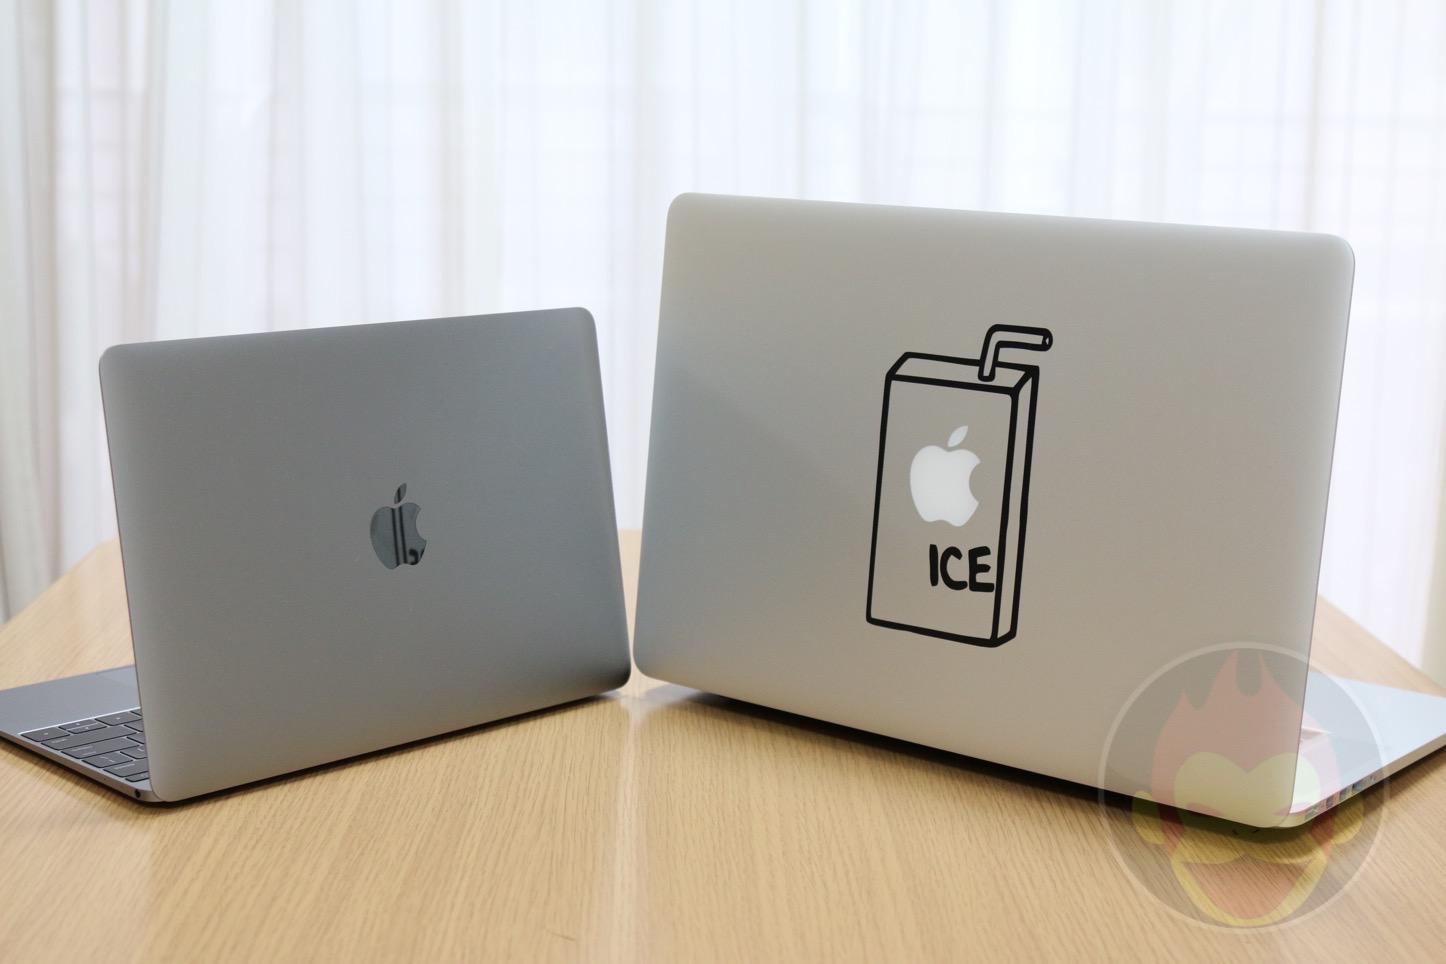 12インチ型MacBookと15インチ型「MacBook Pro Retina」の外観やスペックを比べてみた